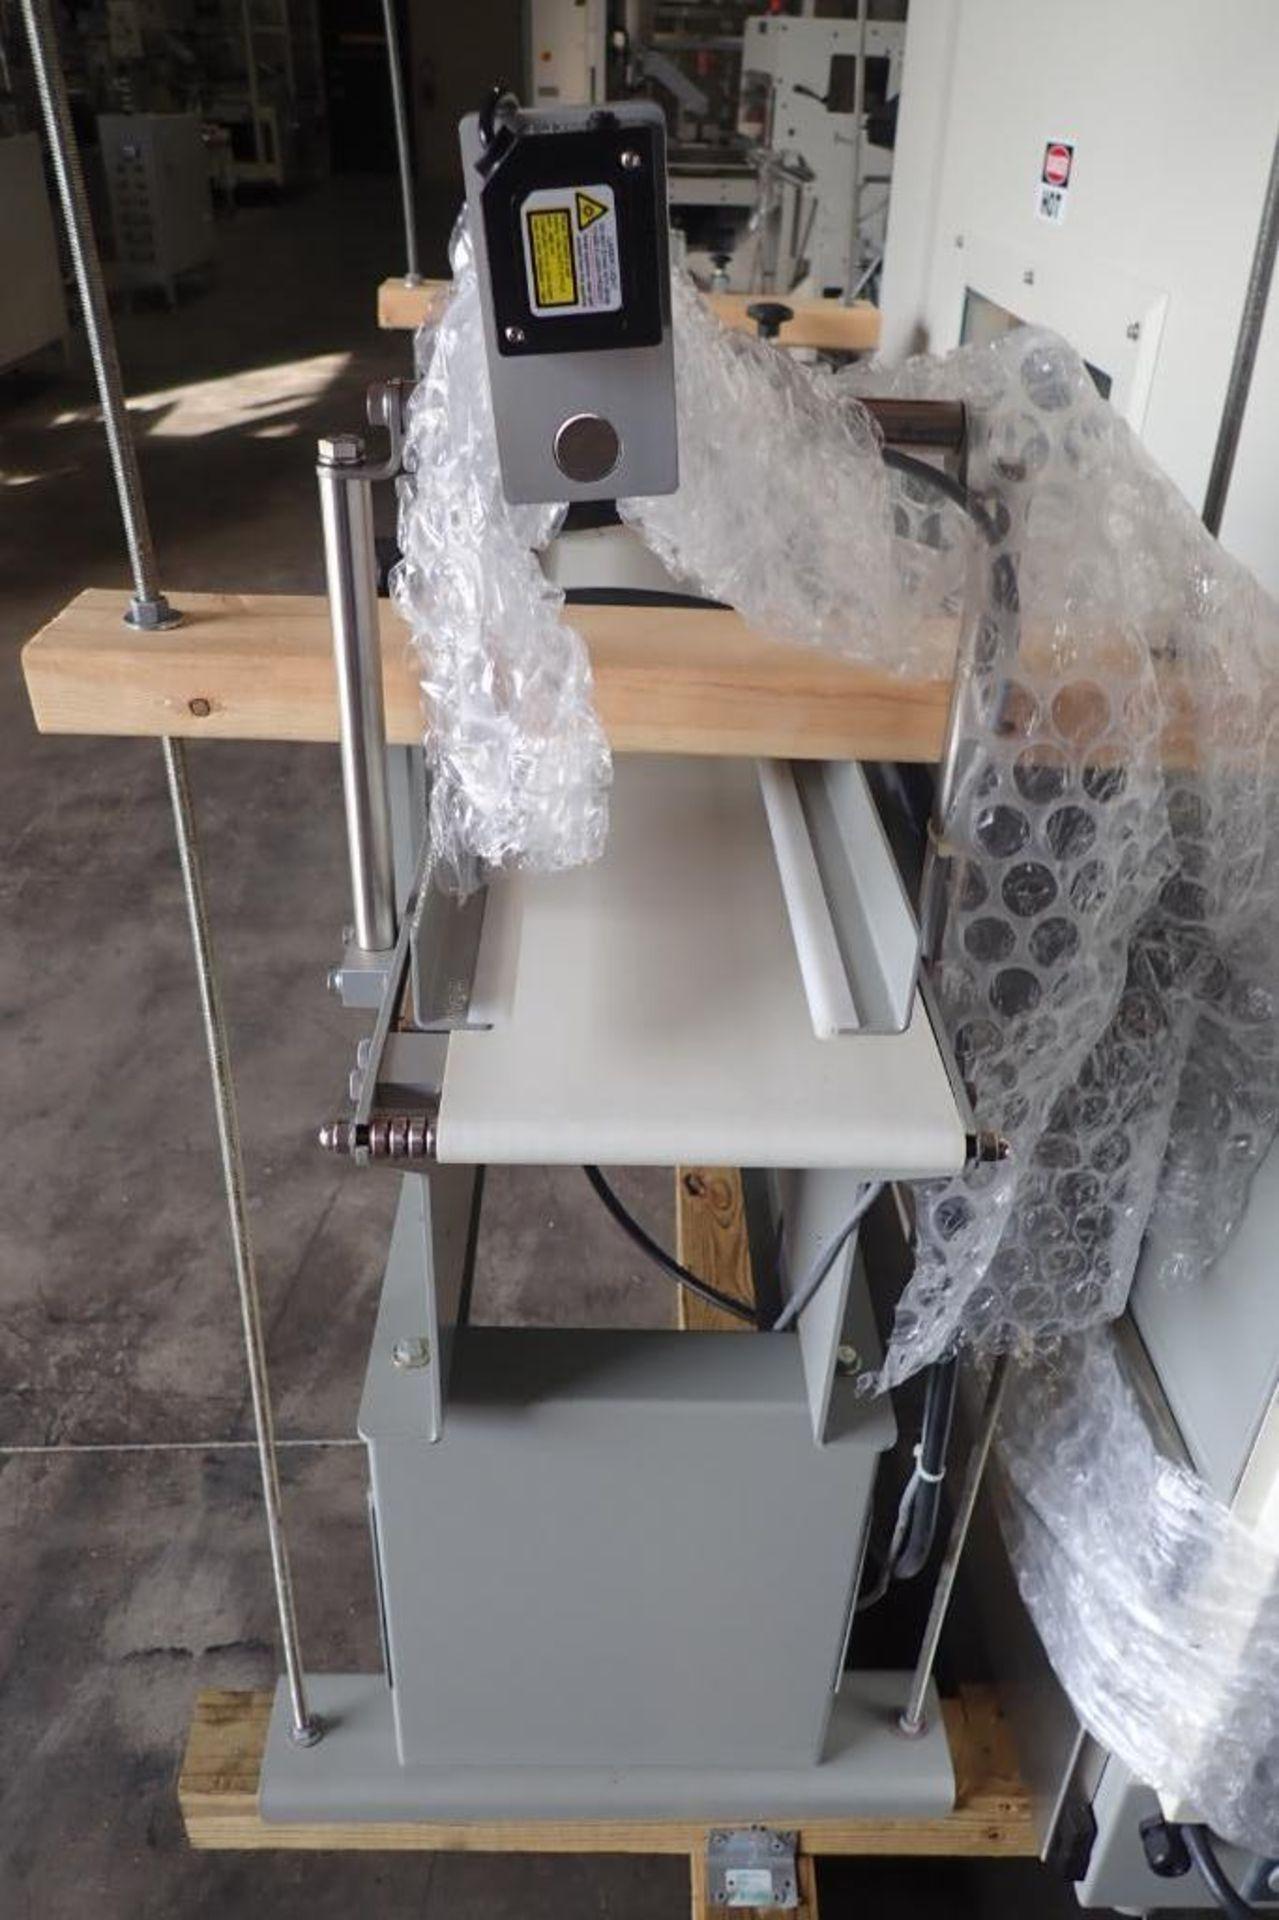 Lot 36 - Stork Texwrap transfer conveyor, Model STE-SA438, SN SA0214 , white vinyl belt, 60 in. long x 7.5